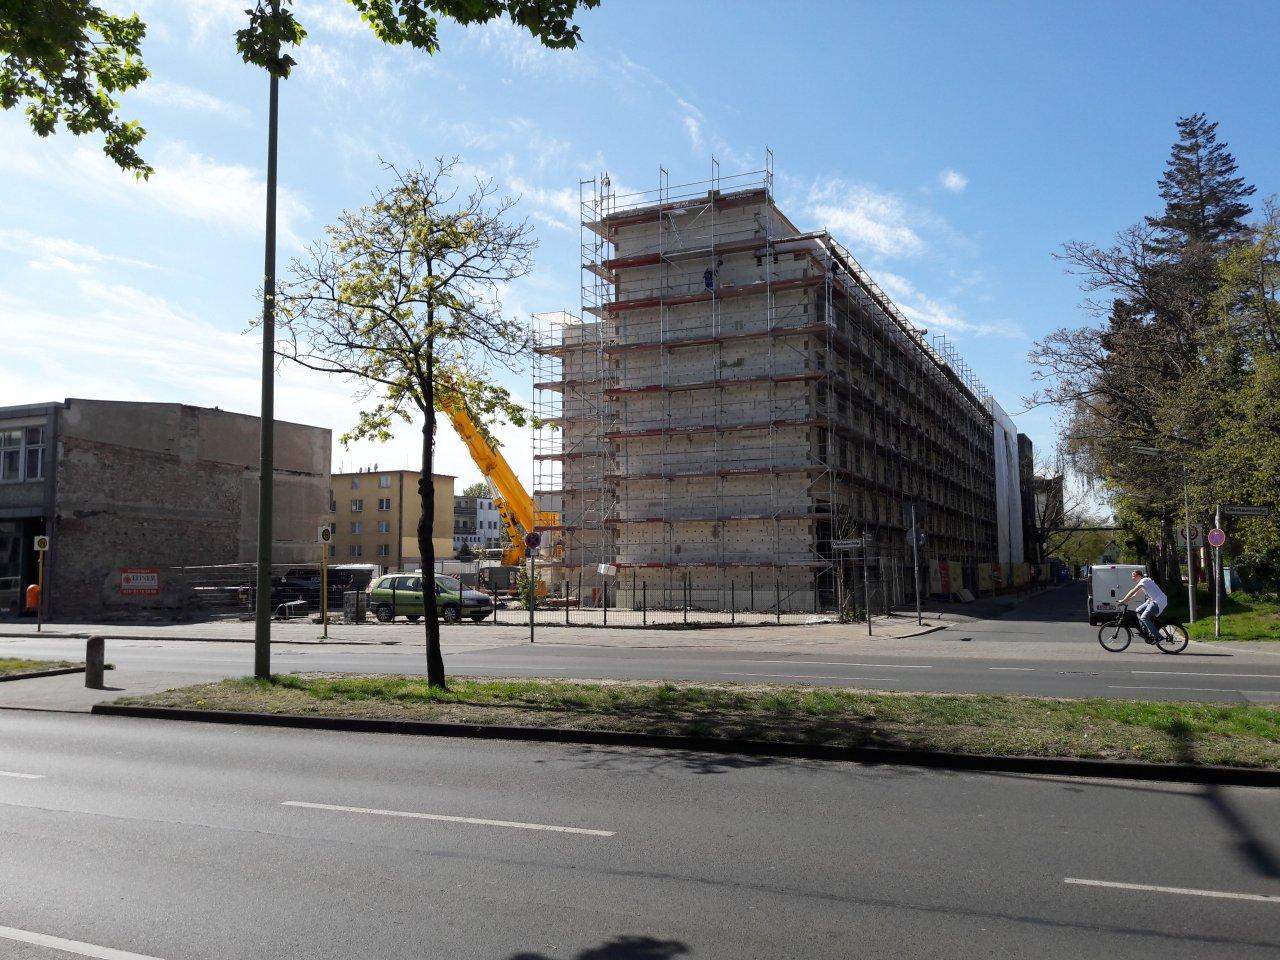 Neubau-Ollenhauerstrasse-Reinickendorf.jpg